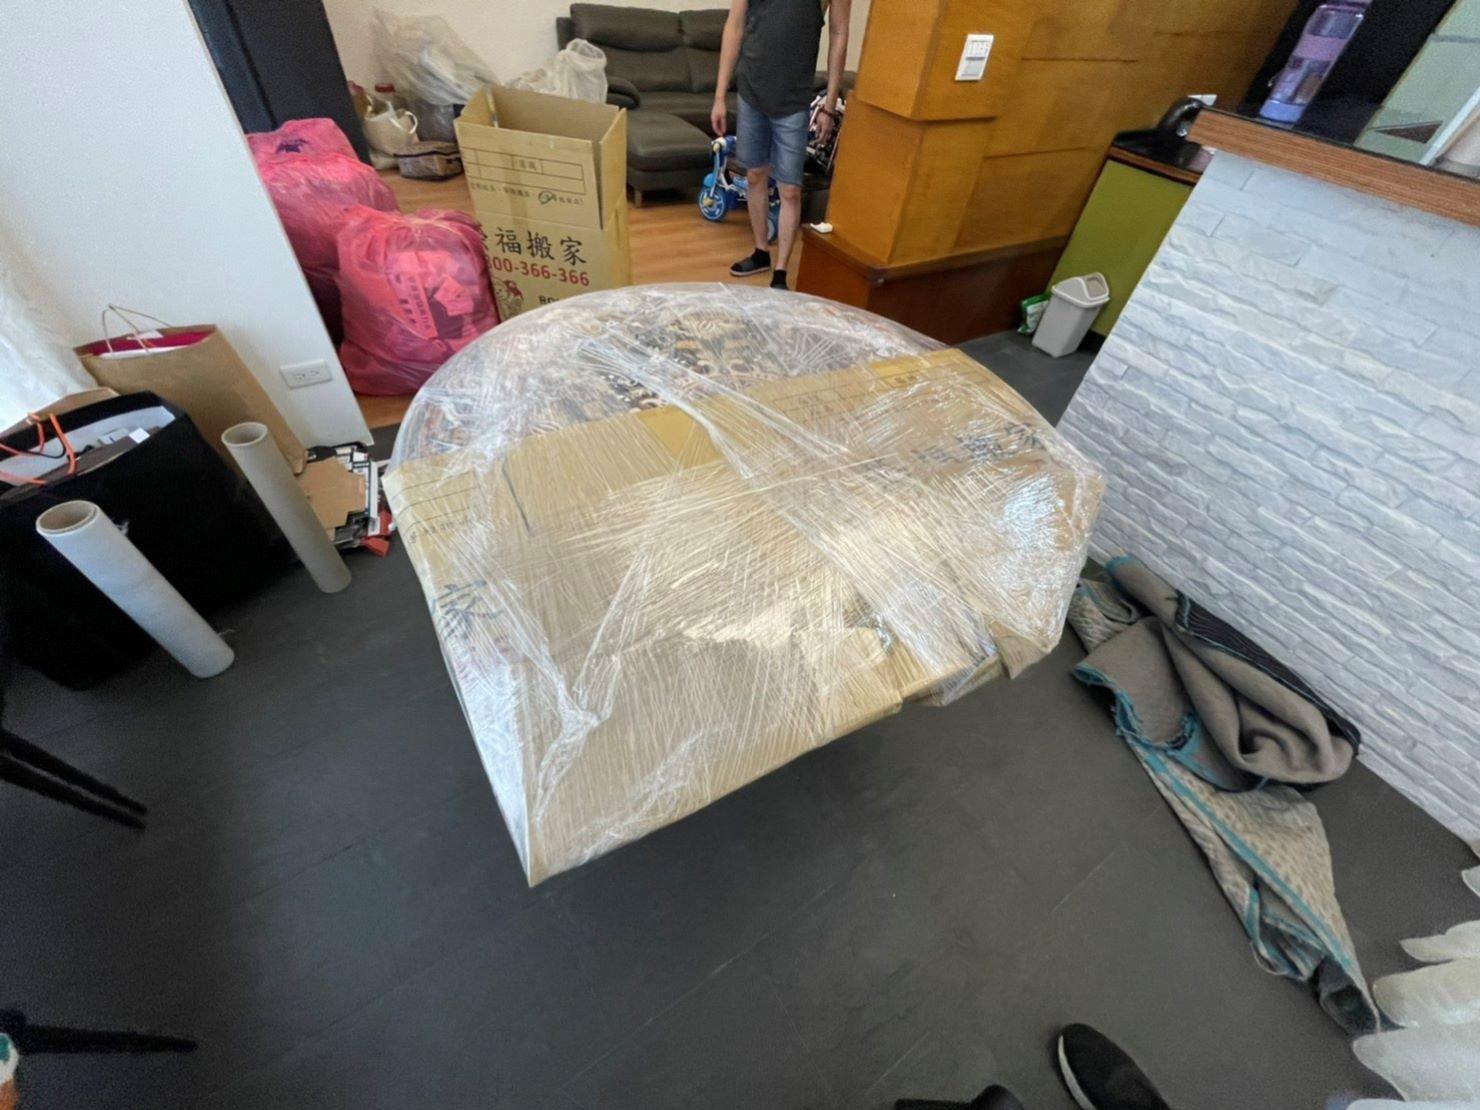 搬家具、冰箱搬運、基隆搬家、搬家電、床墊搬運、搬衣櫃、搬大型家具、搬公司行號、家庭搬家、搬鋼琴、搬工計時、人工搬運、搬運、搬家紙箱,針對顧客都秉持以用心實在專業搬家技巧,搬家實在用心值得您的信賴與選擇。【榮福搬家公司】搬家首選、搬家公司推薦:優質搬家,包裝搬運「細膩包裝、專業搬運、用心服務、以客為尊」是榮福搬家公司的宗旨與精神。歡迎立即來電02-2651-2727專人服務。系統式家具拆裝找專業的榮福搬家就對了。